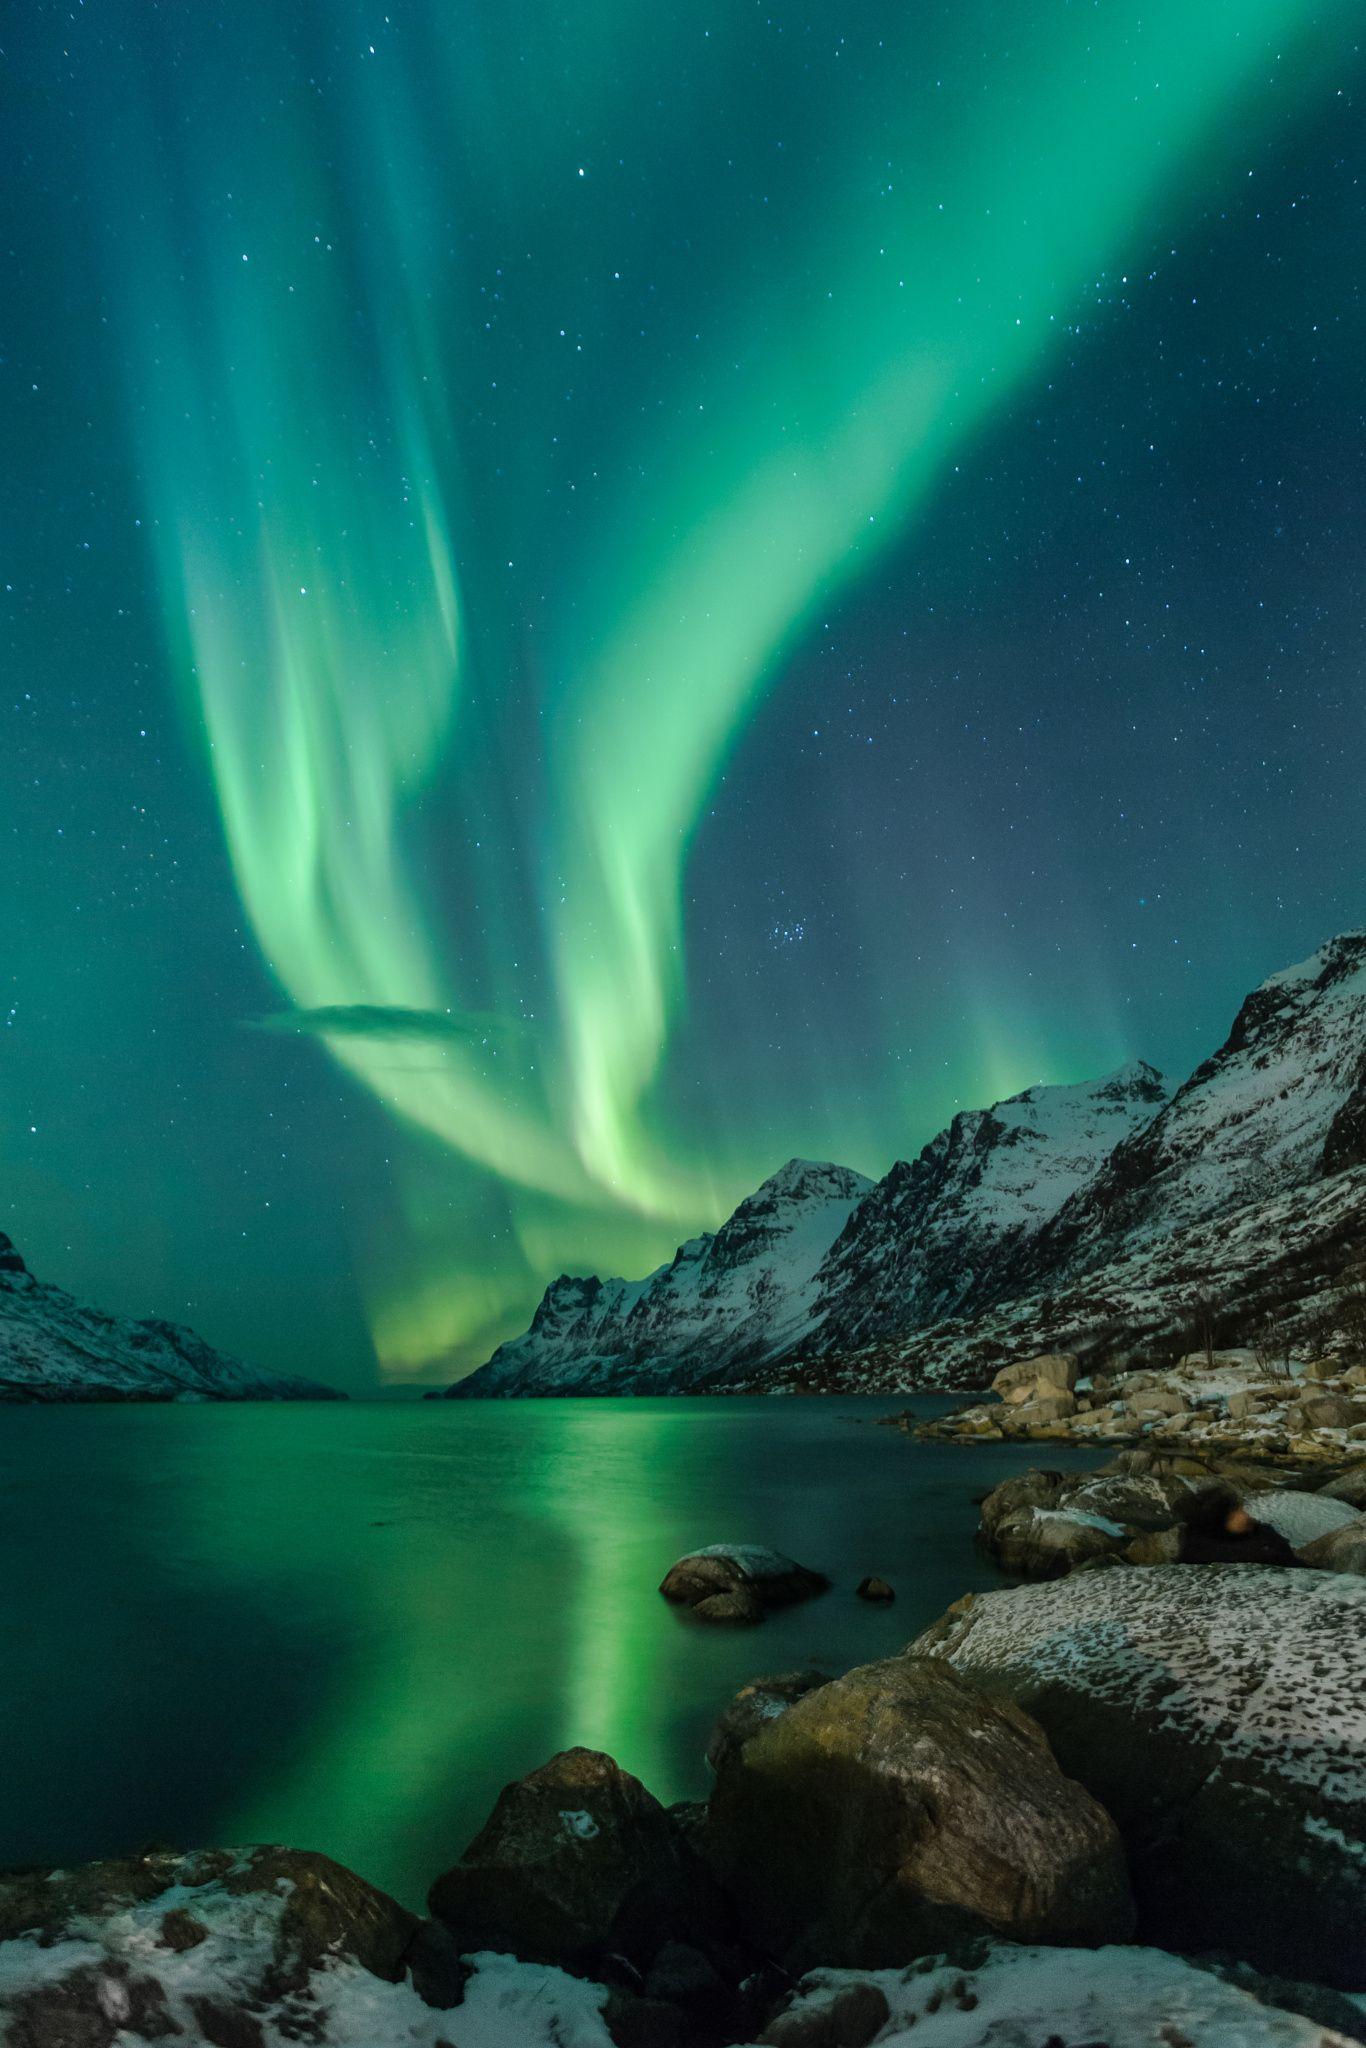 Ver las Auroras Boreales